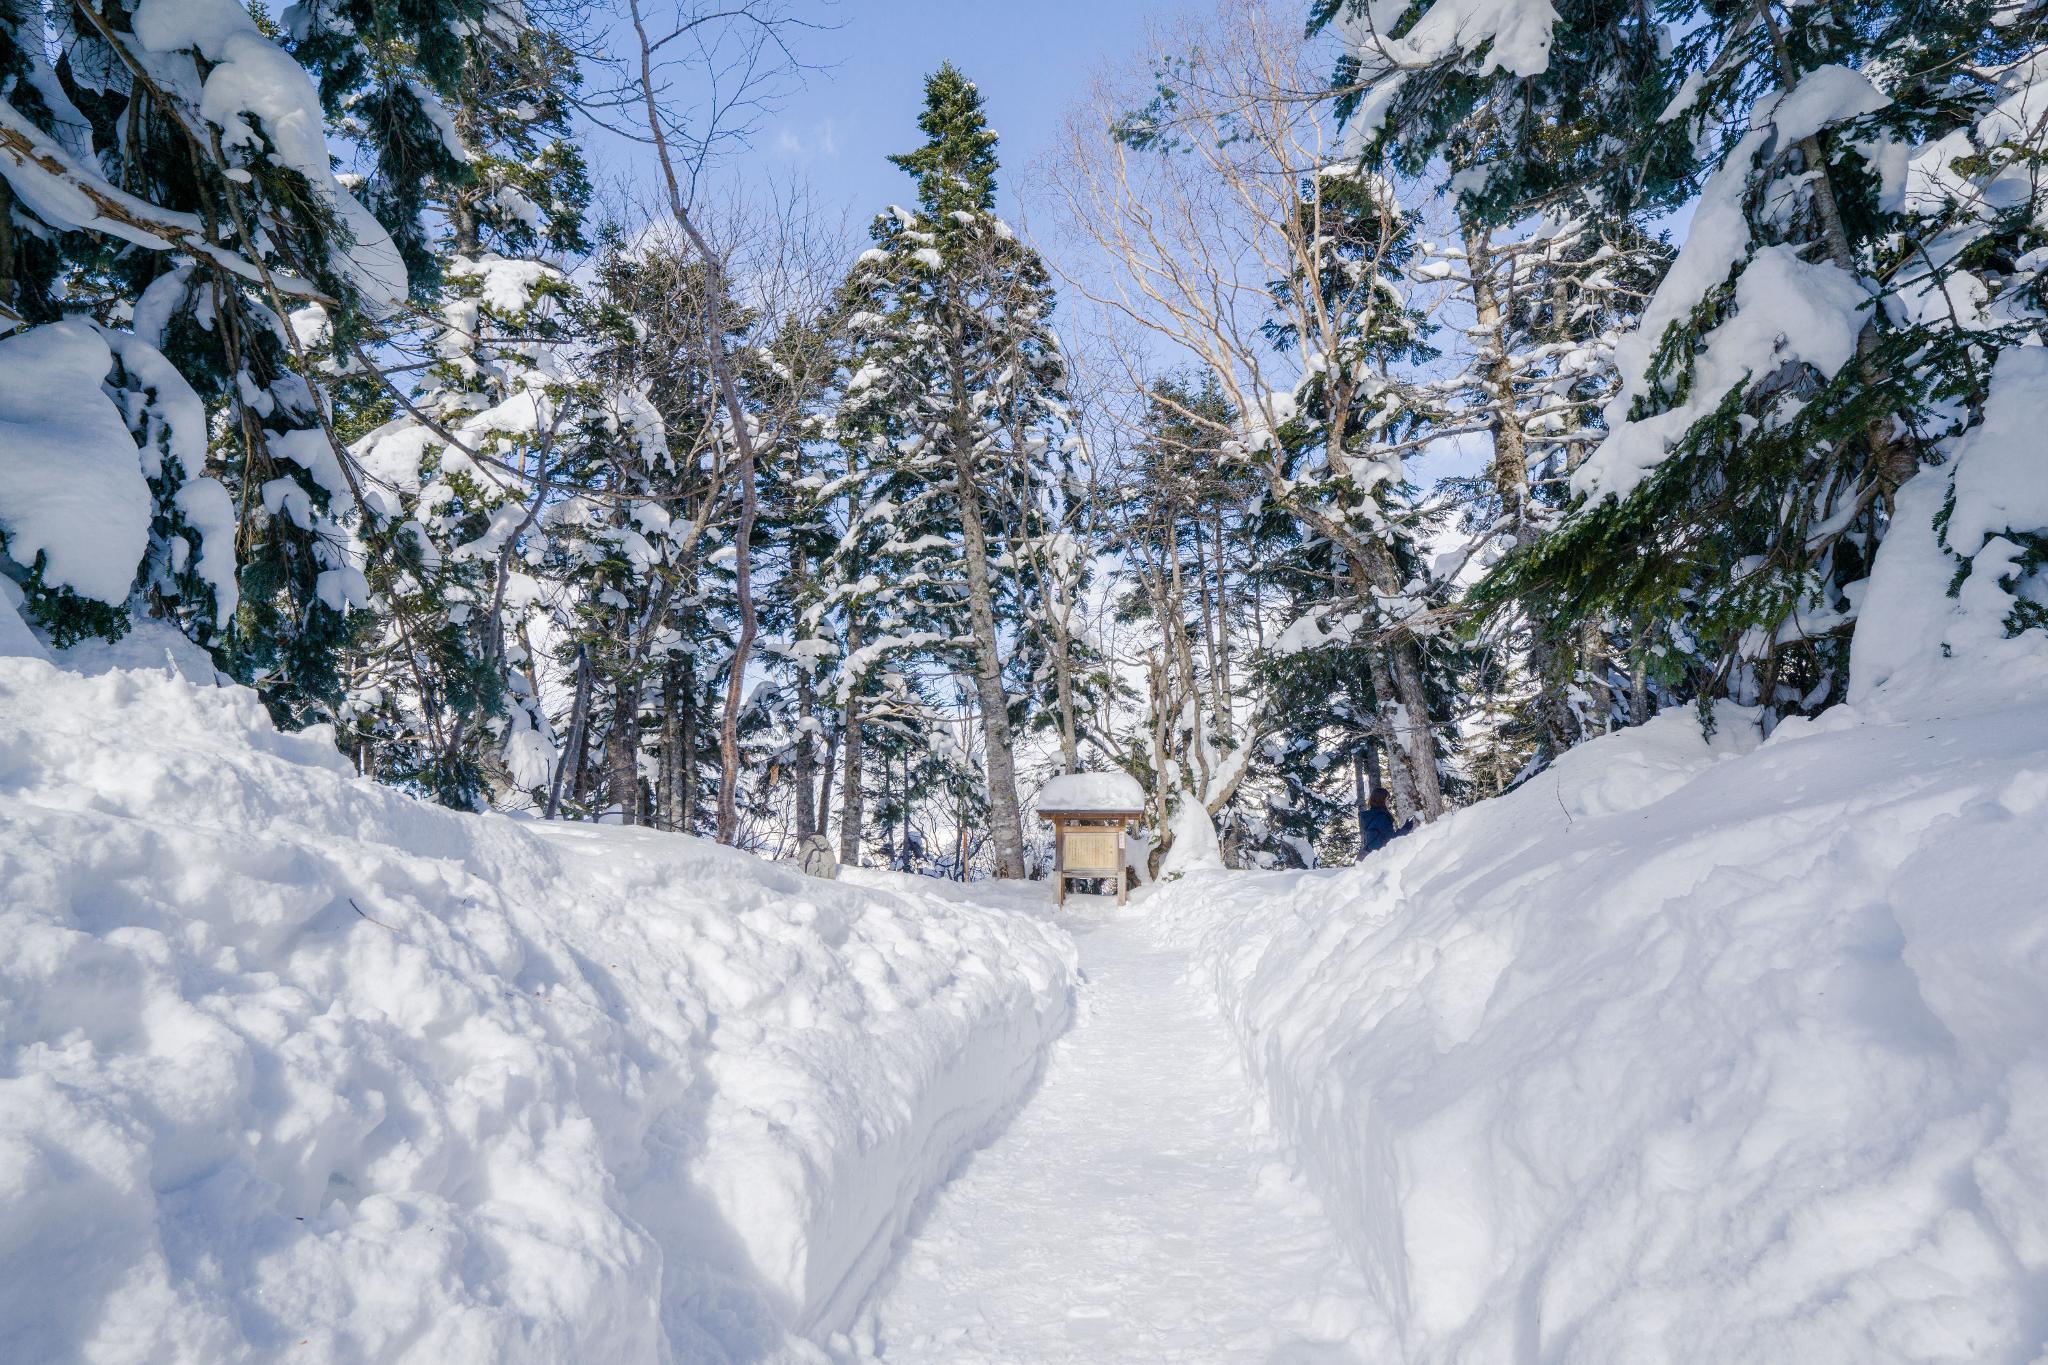 【岐阜】超級推薦!奧飛驒溫泉鄉的冬季戀歌 ~ 新穗高纜車雪景攻略 118